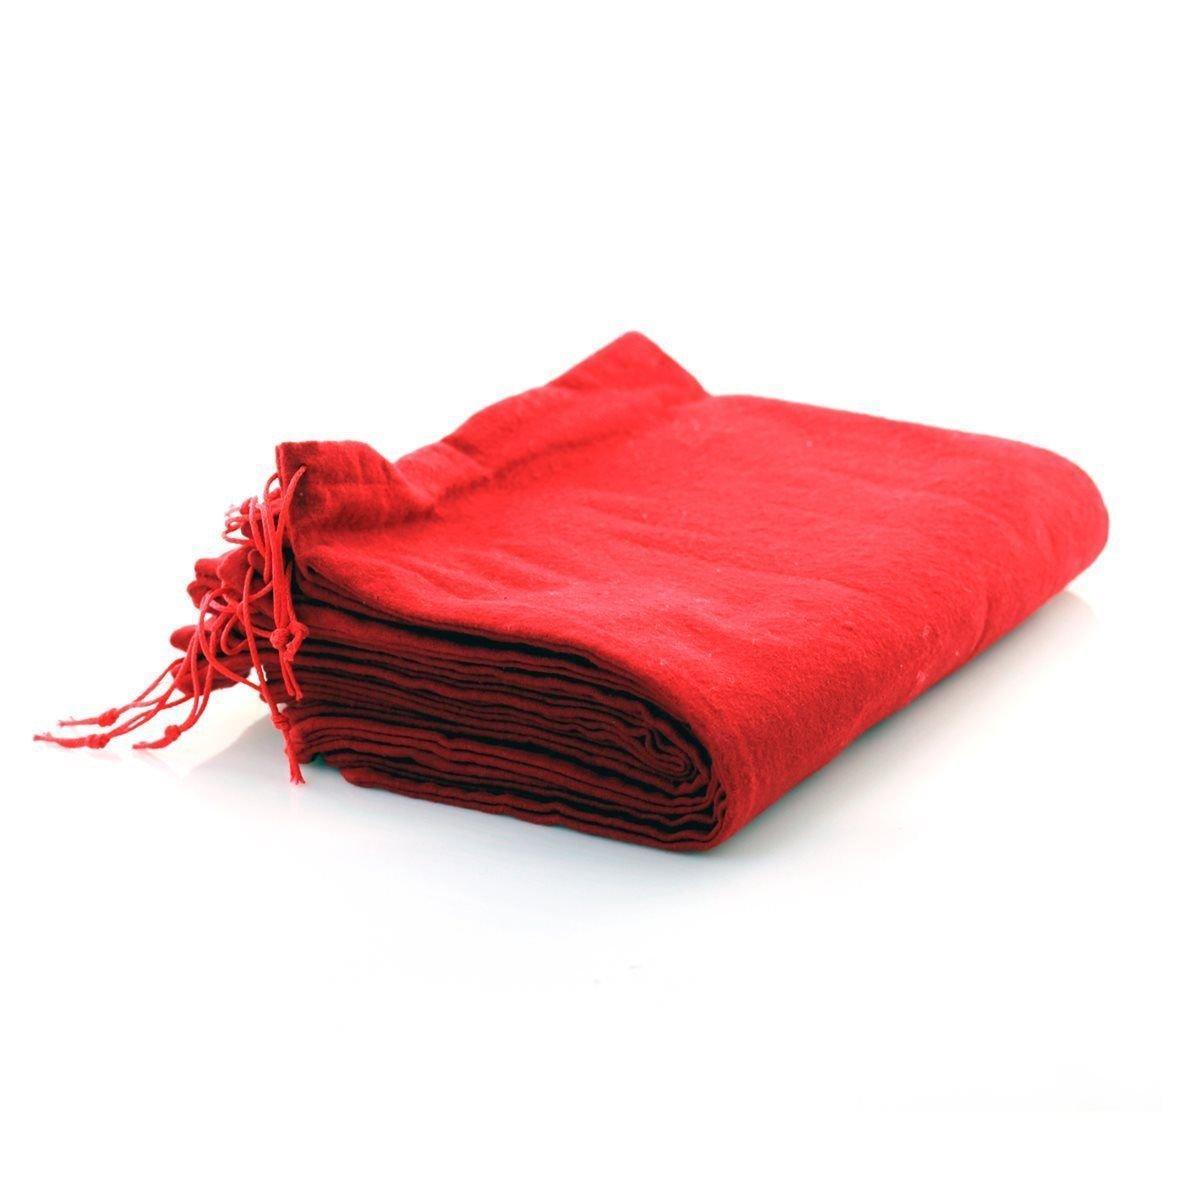 10 pieza Bolsa para zapatos de algodón con cordón 37 x 27 cm Rojo